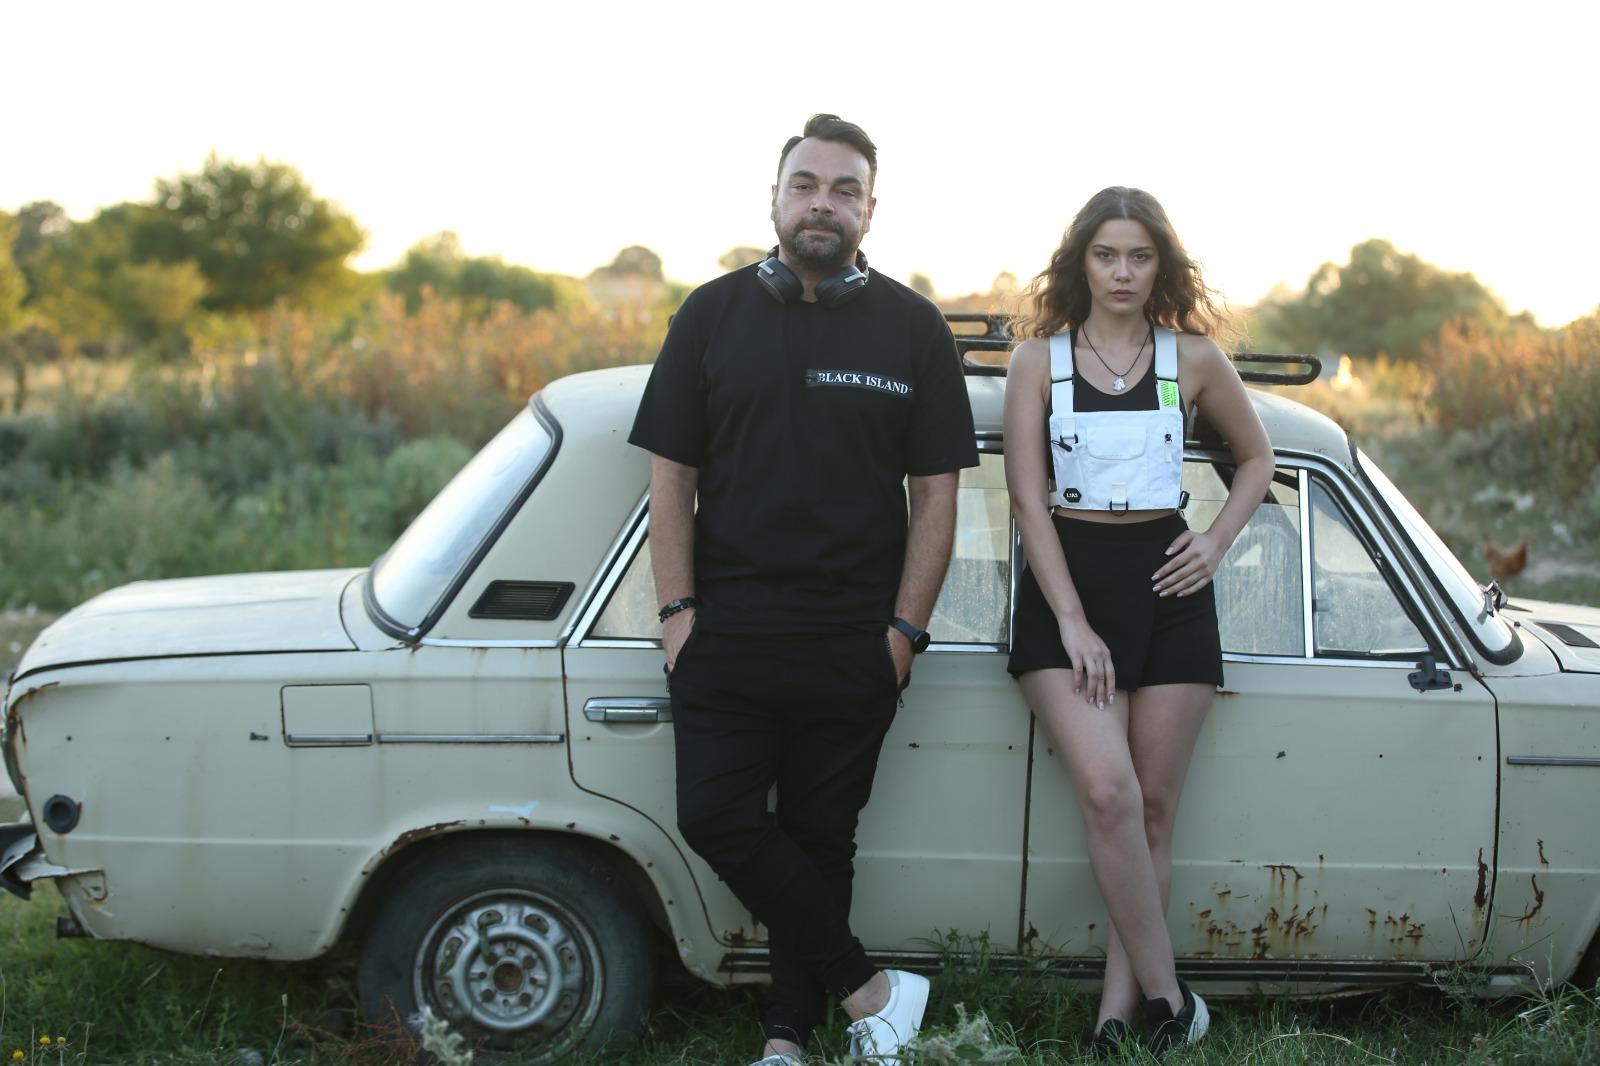 Fatih Boğalar, yepyeni bir hitle müzik piyasasına sağlam bir dönüş yaptı!